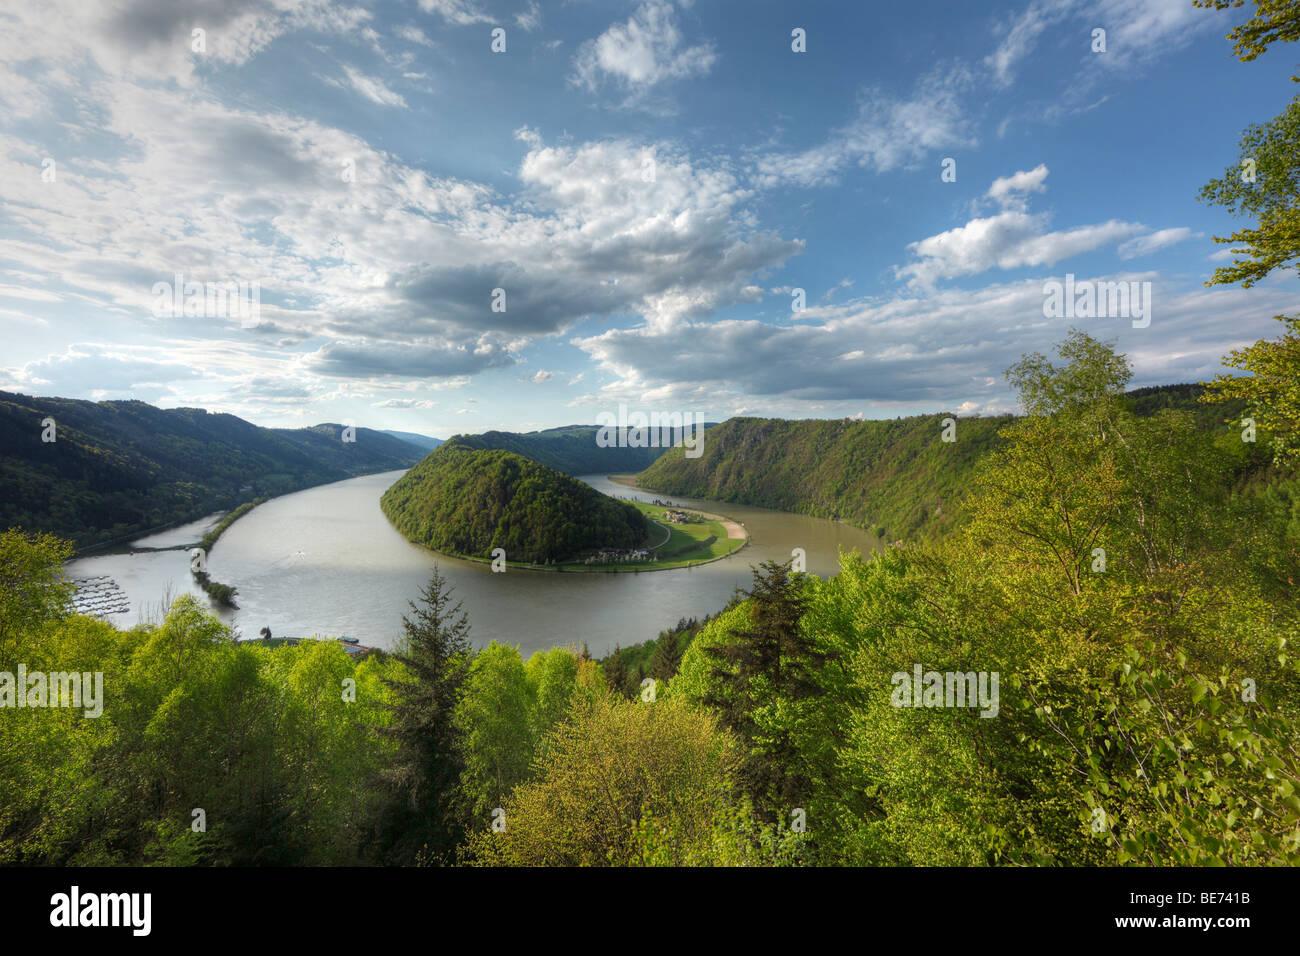 Danube River, Schloegener loop, Schloegen, Upper Austria, Austria, Europe - Stock Image